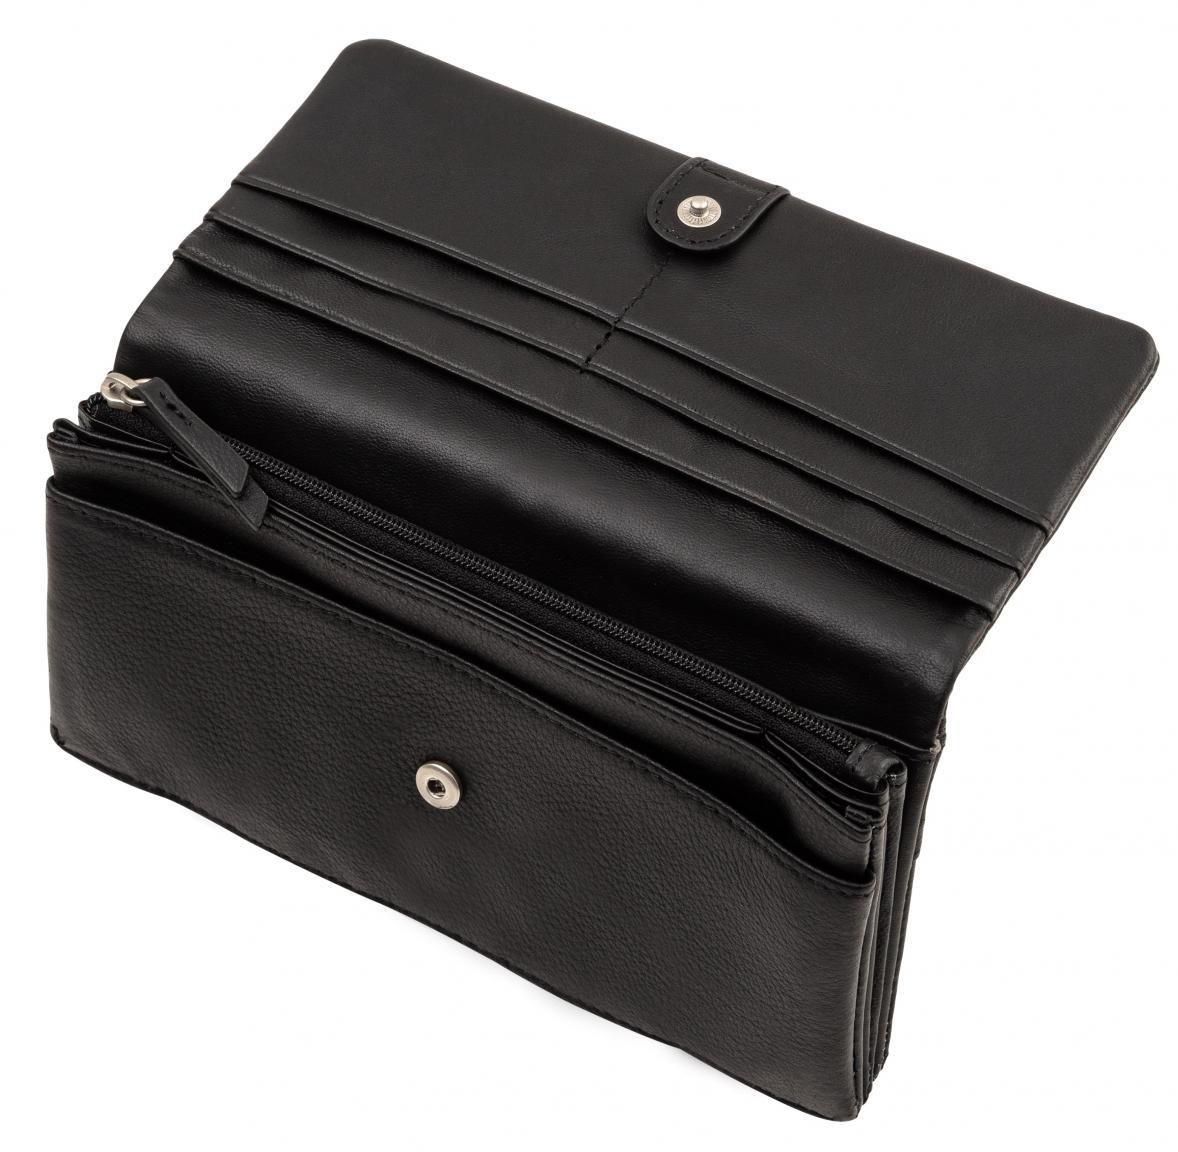 Liebeskind Leder SlamS2 schwarz RFID Überschlagbörse